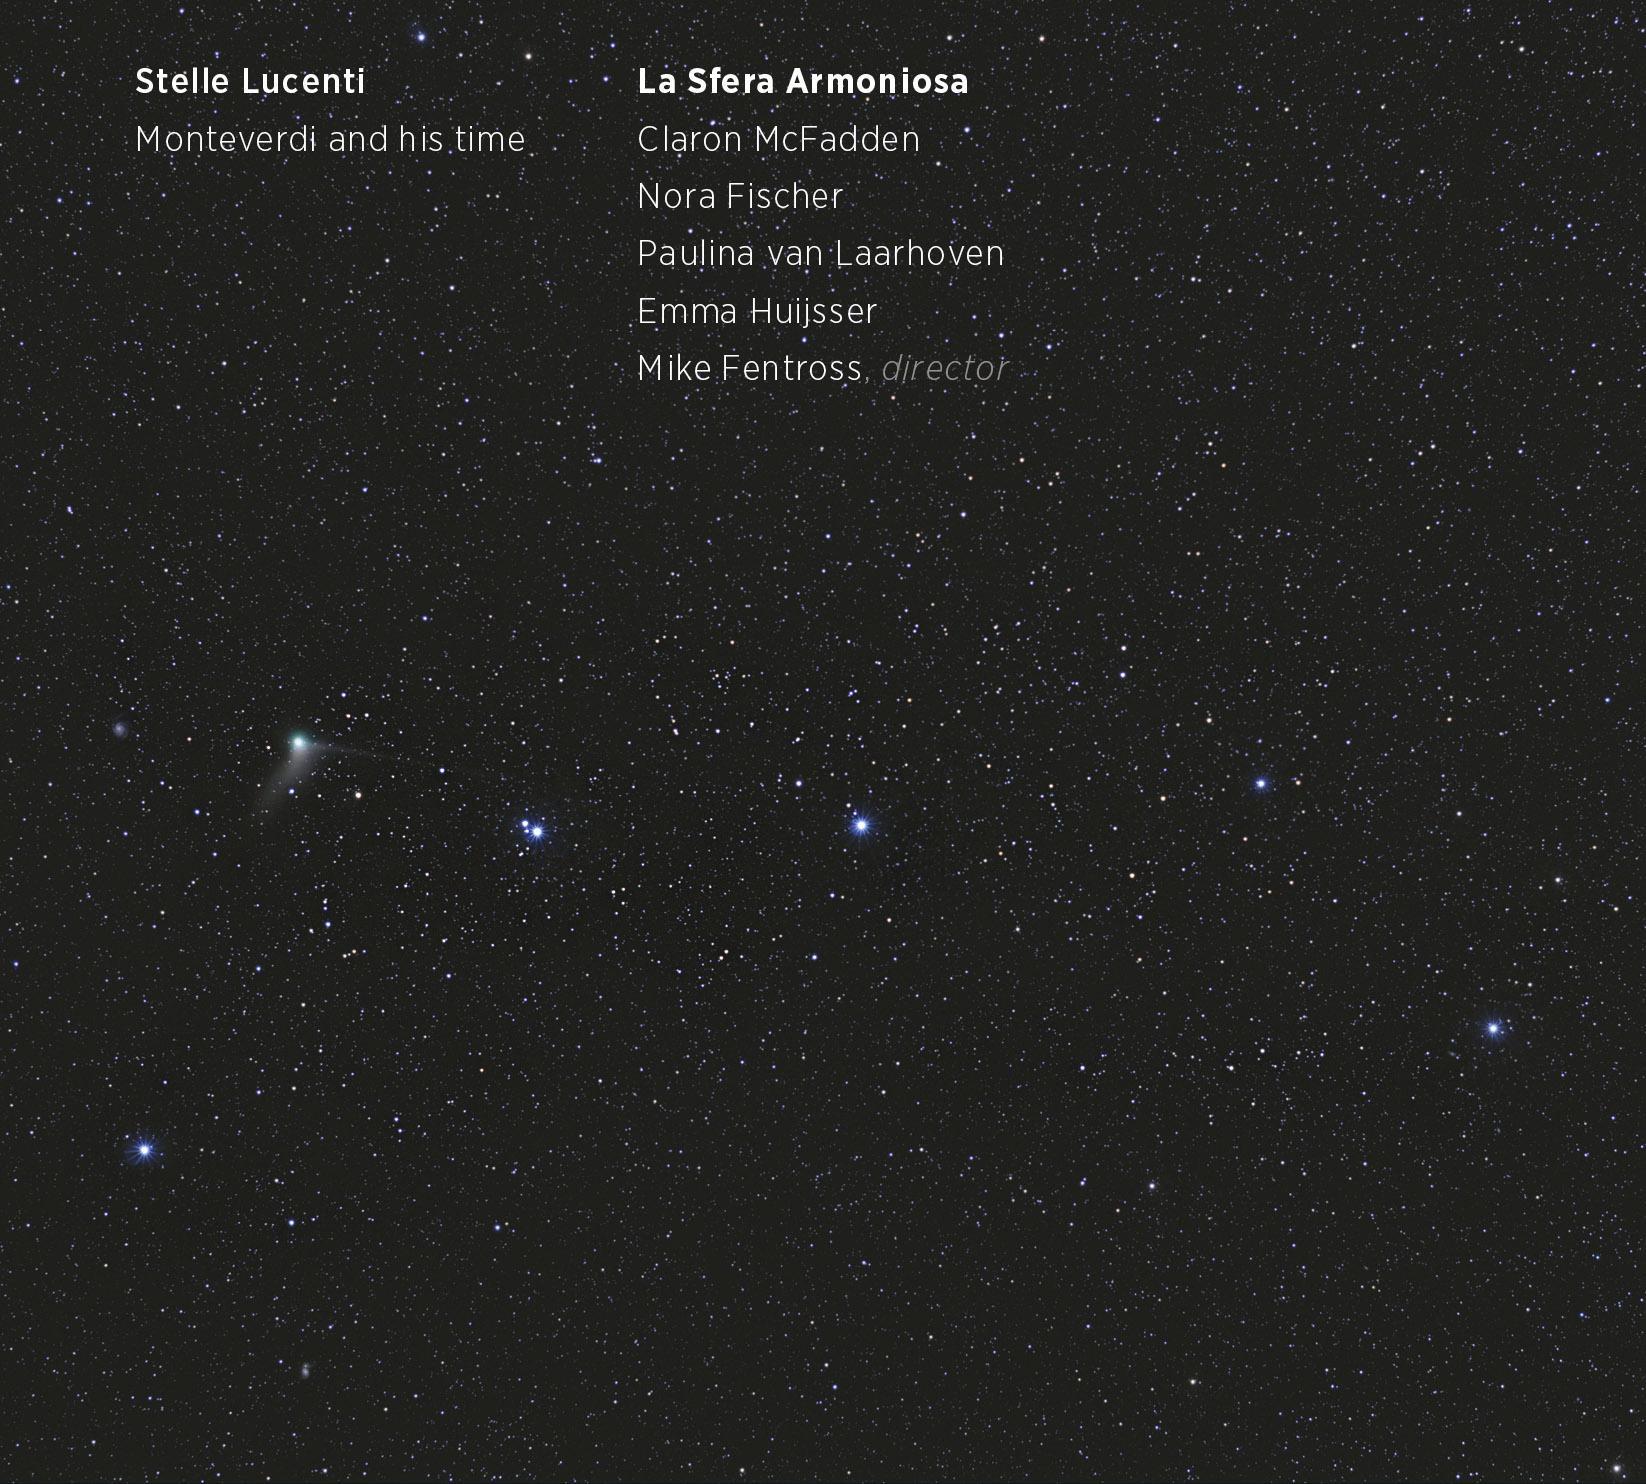 'Stelle Lucenti' is onvoorwaardelijke liefde op het eerste gehoor